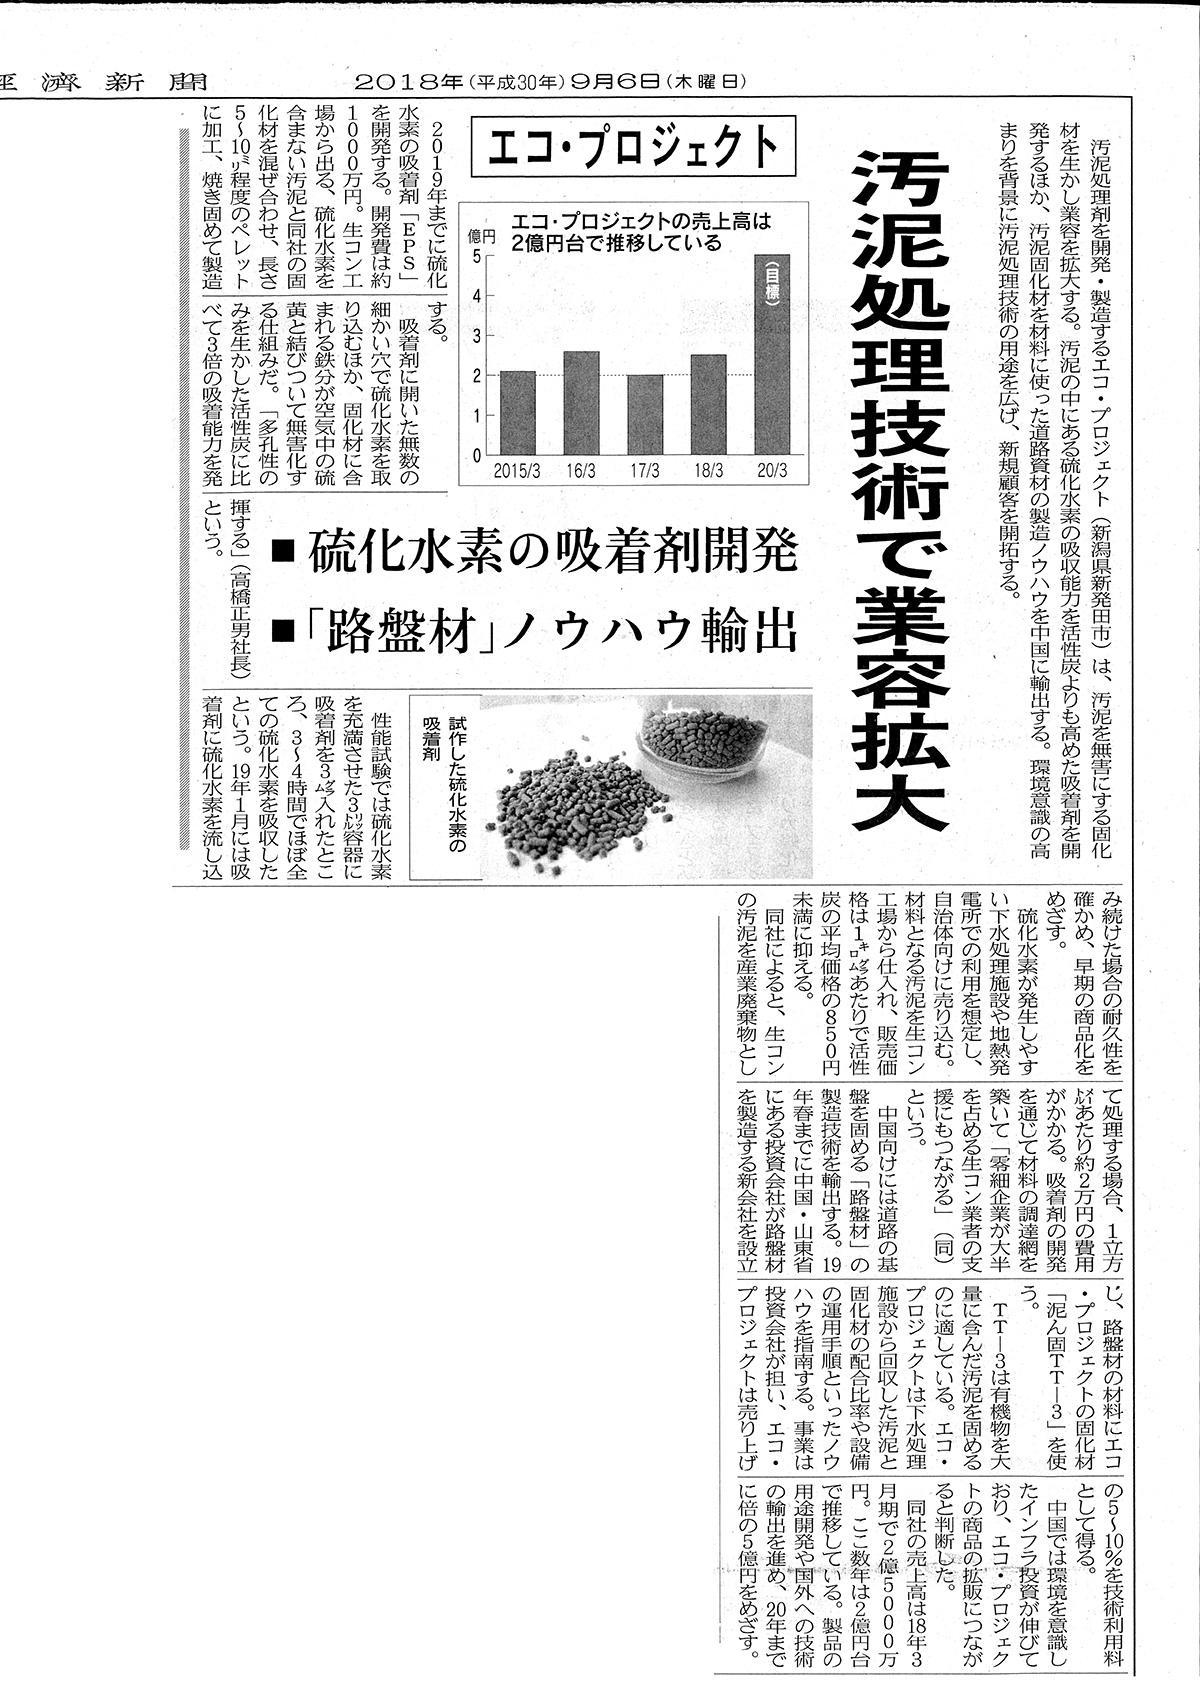 新聞 新潟 経済 新潟建設新聞